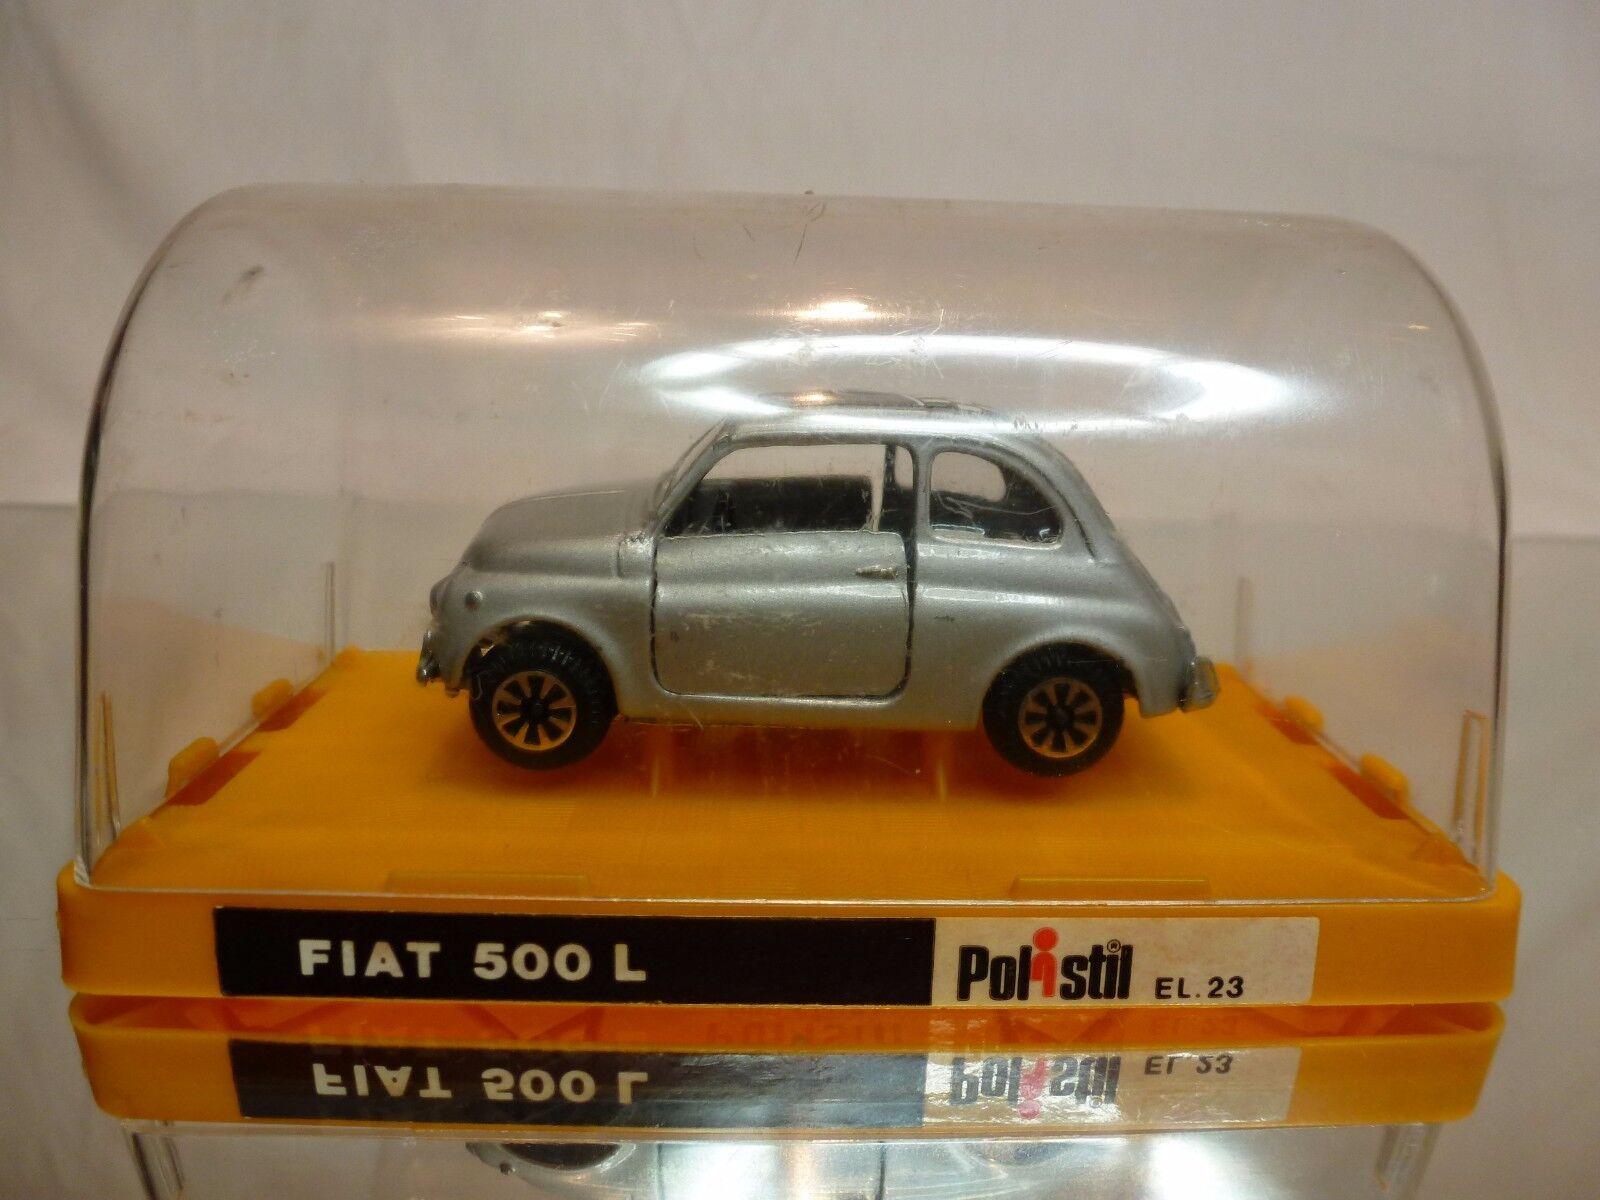 Polistil el23 fiat 500l - grau metallic 1 43 - sehr selten - ausgezeichneten in der box